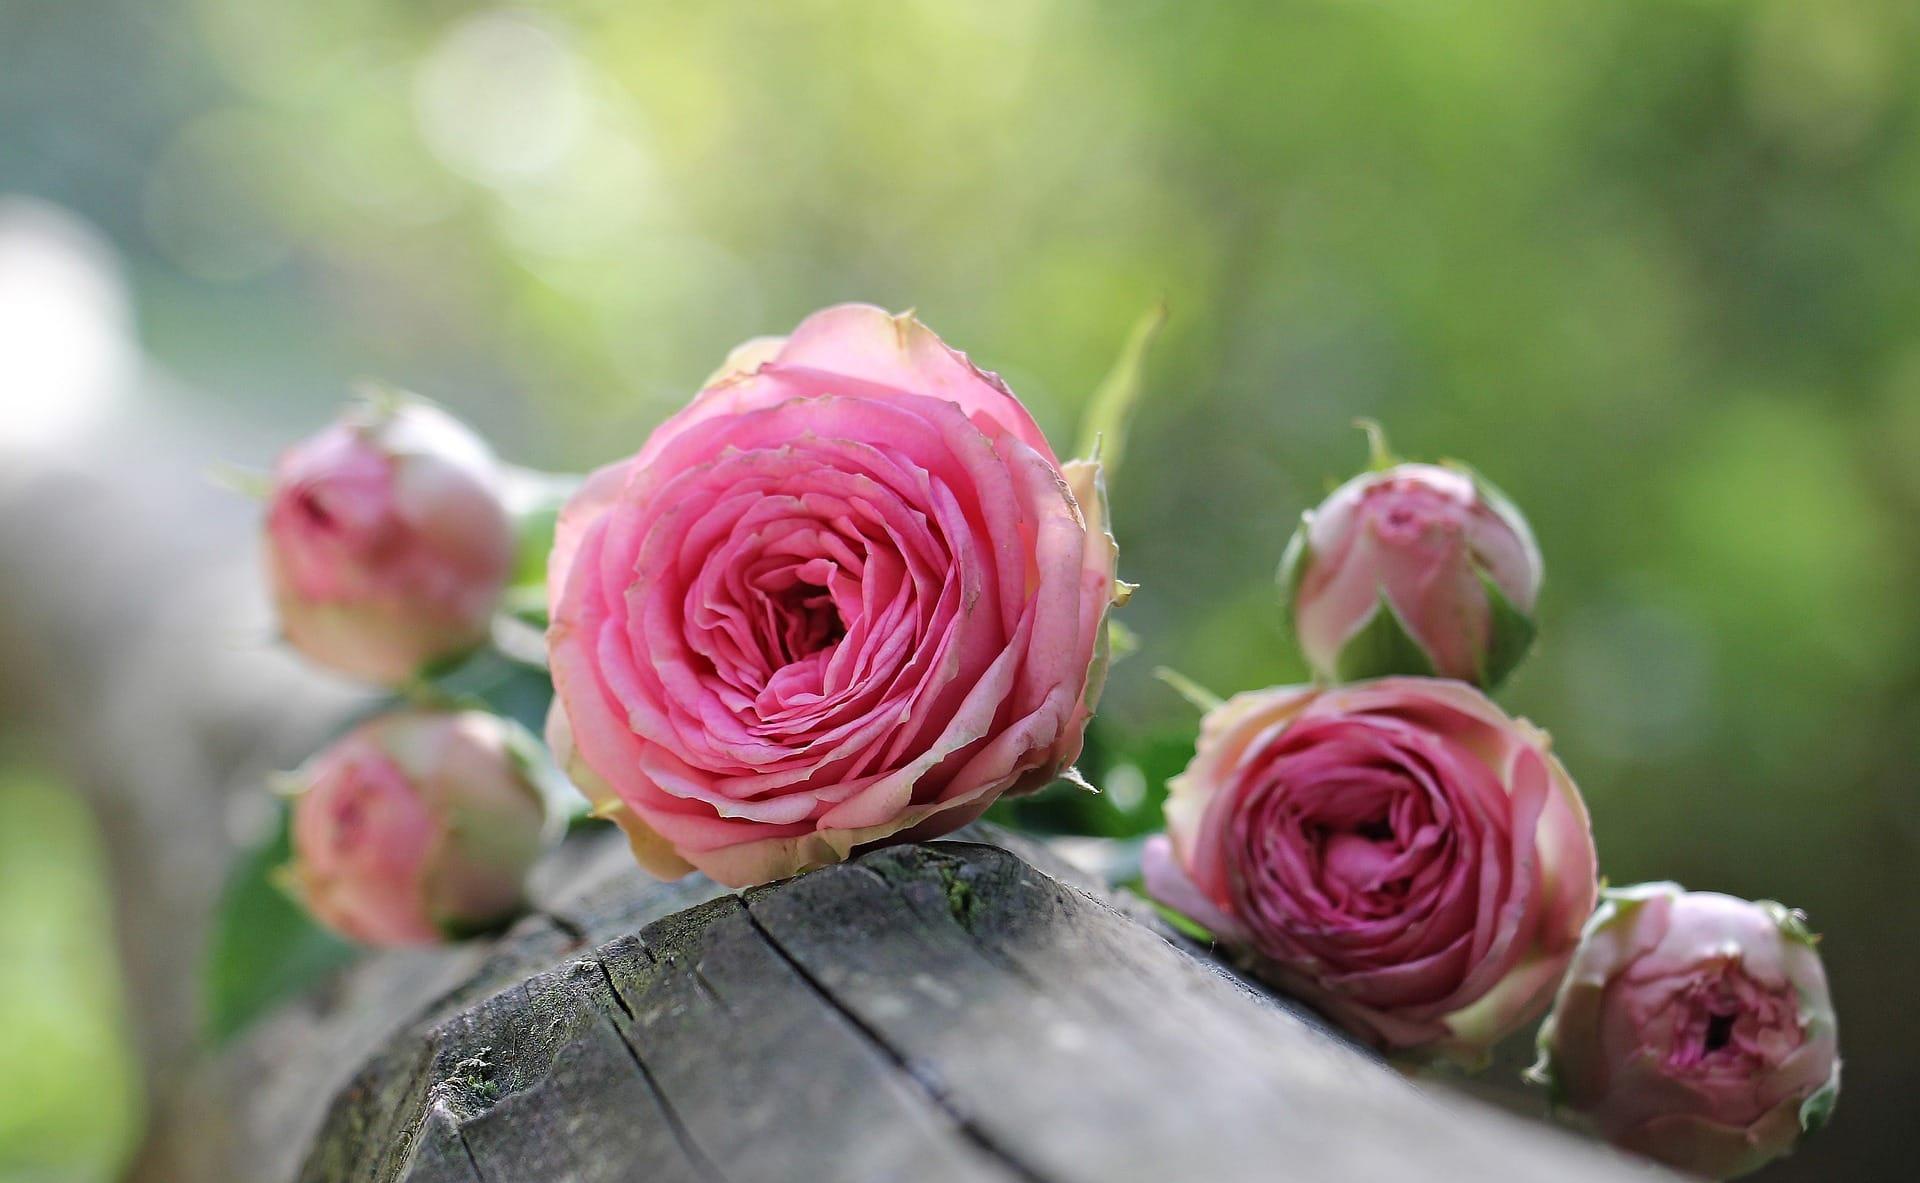 母の日にプレゼントされたバラの育て方|母の日 コラム